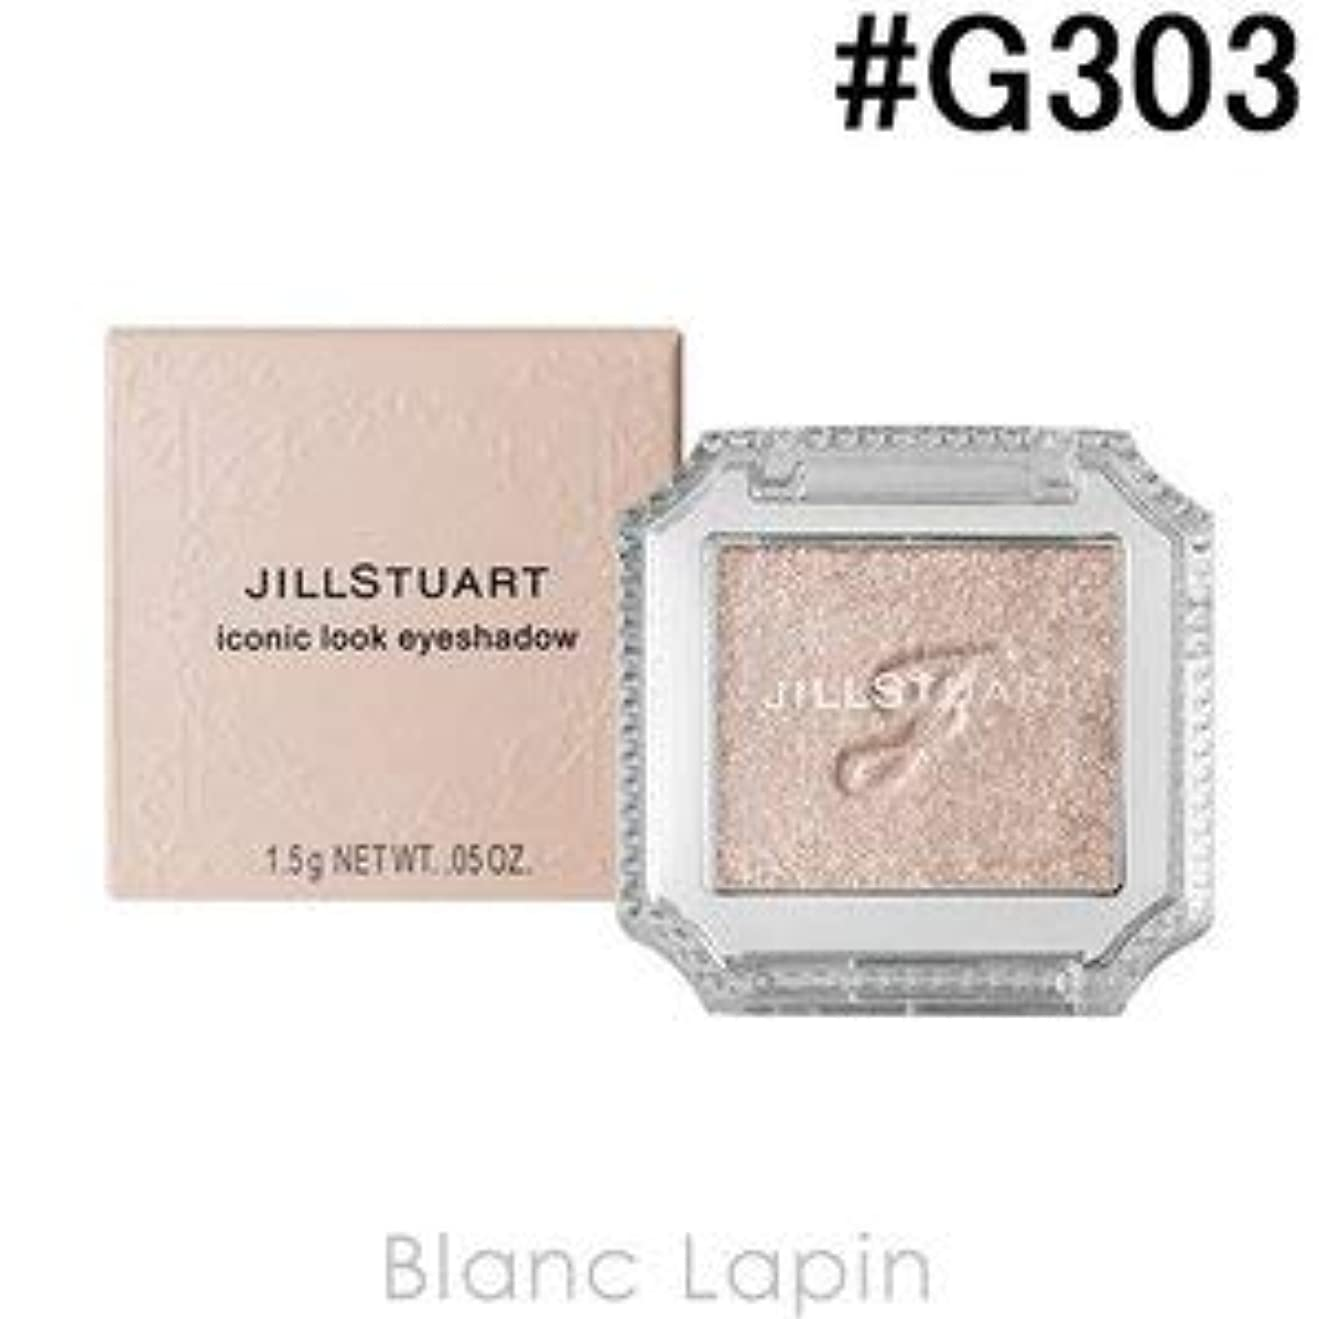 ハンカチ啓示リージルスチュアート JILL STUART アイコニックルックアイシャドウ #G303 bring happiness 1.5g